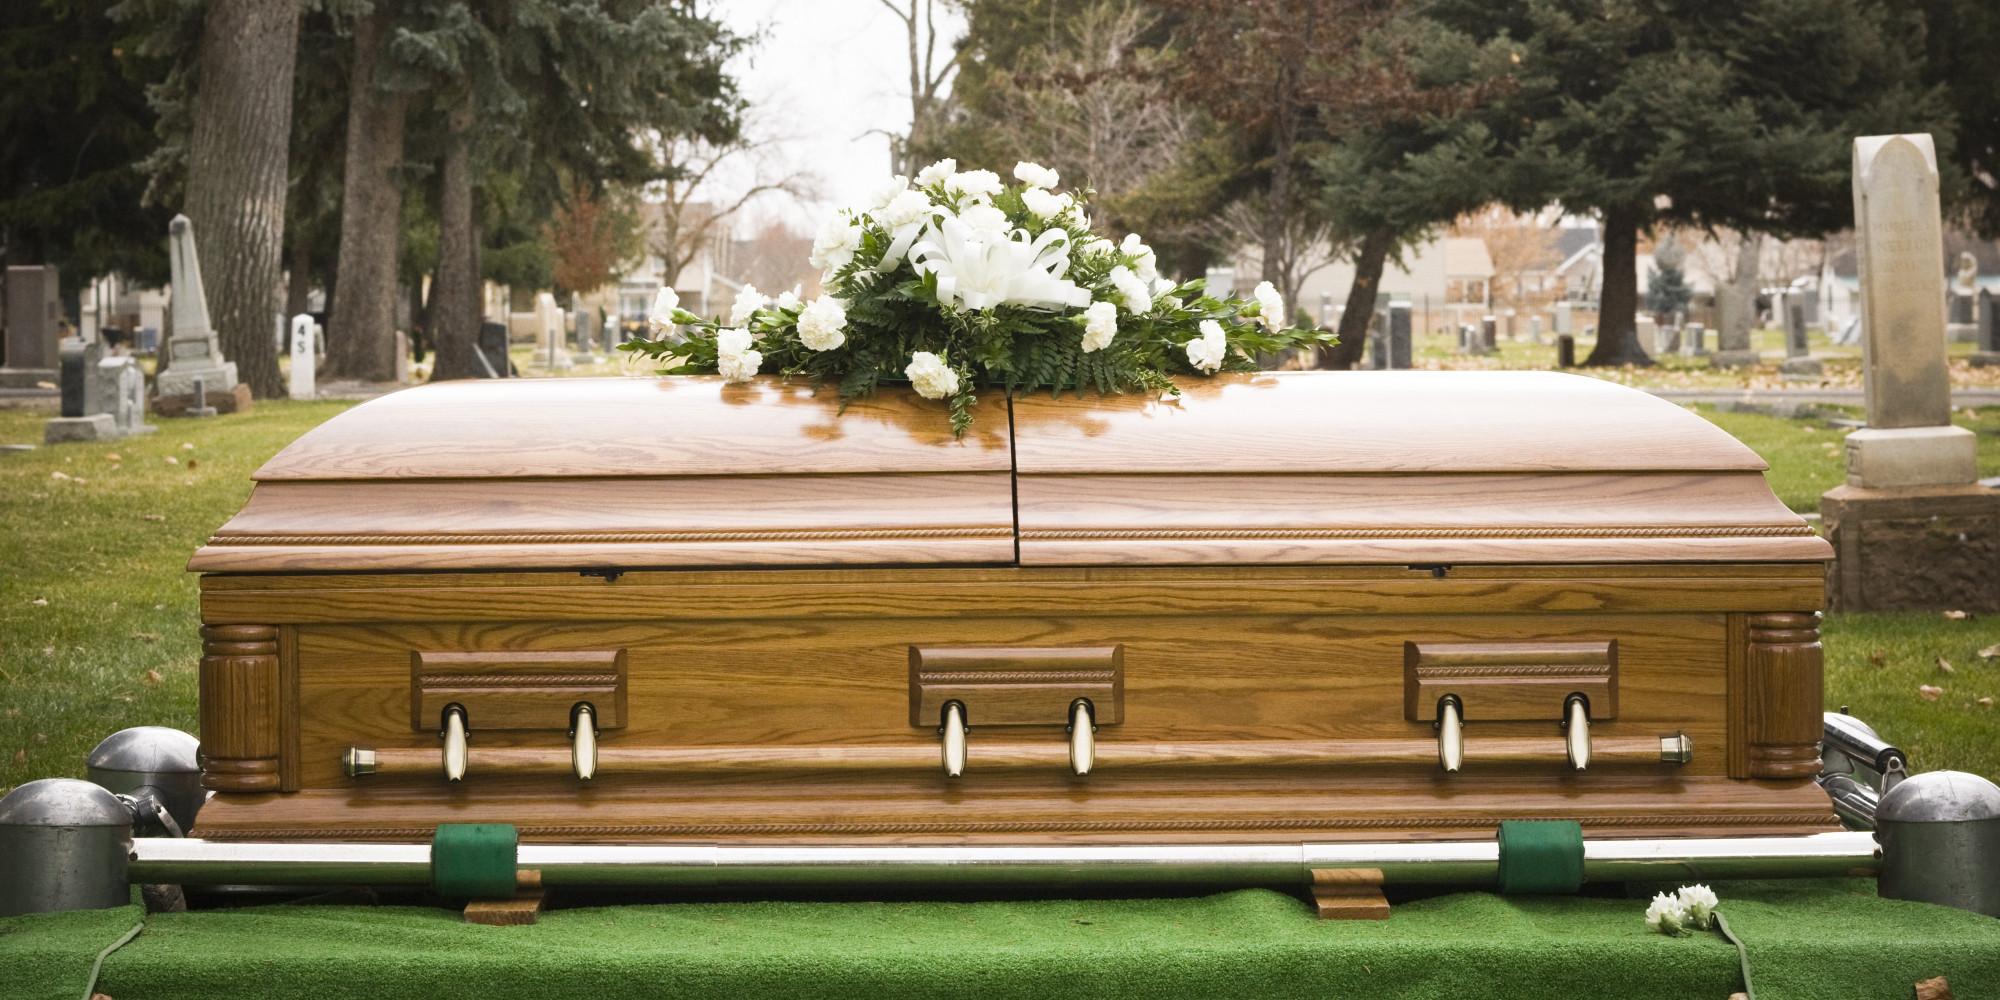 העברת נפטרים עם חברת מנוחה לעד